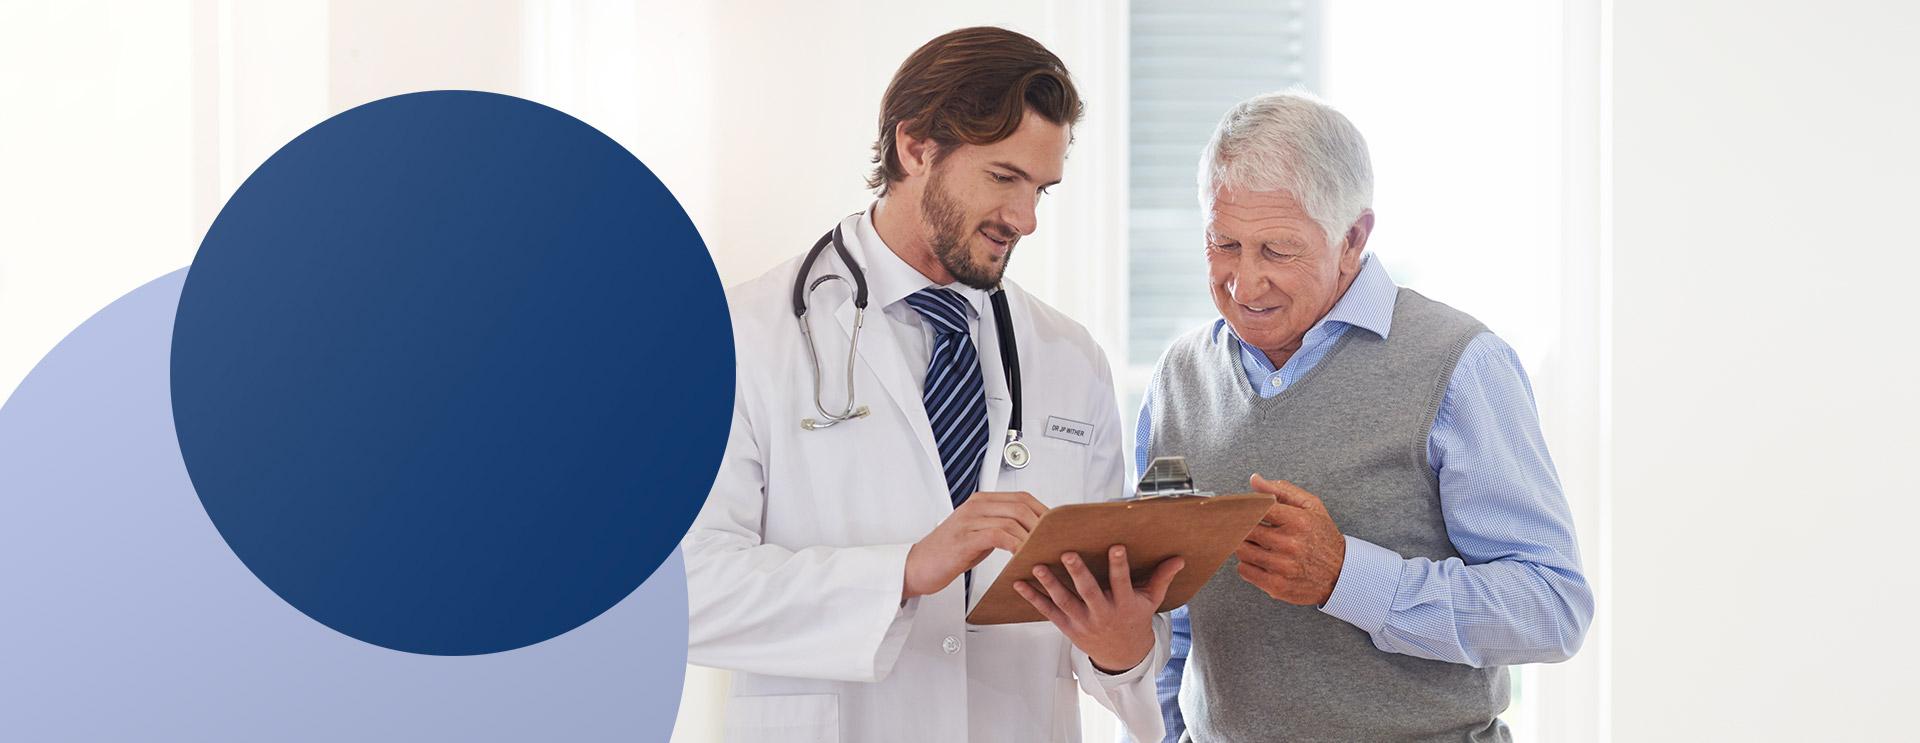 medical staffing services, dental staffing services